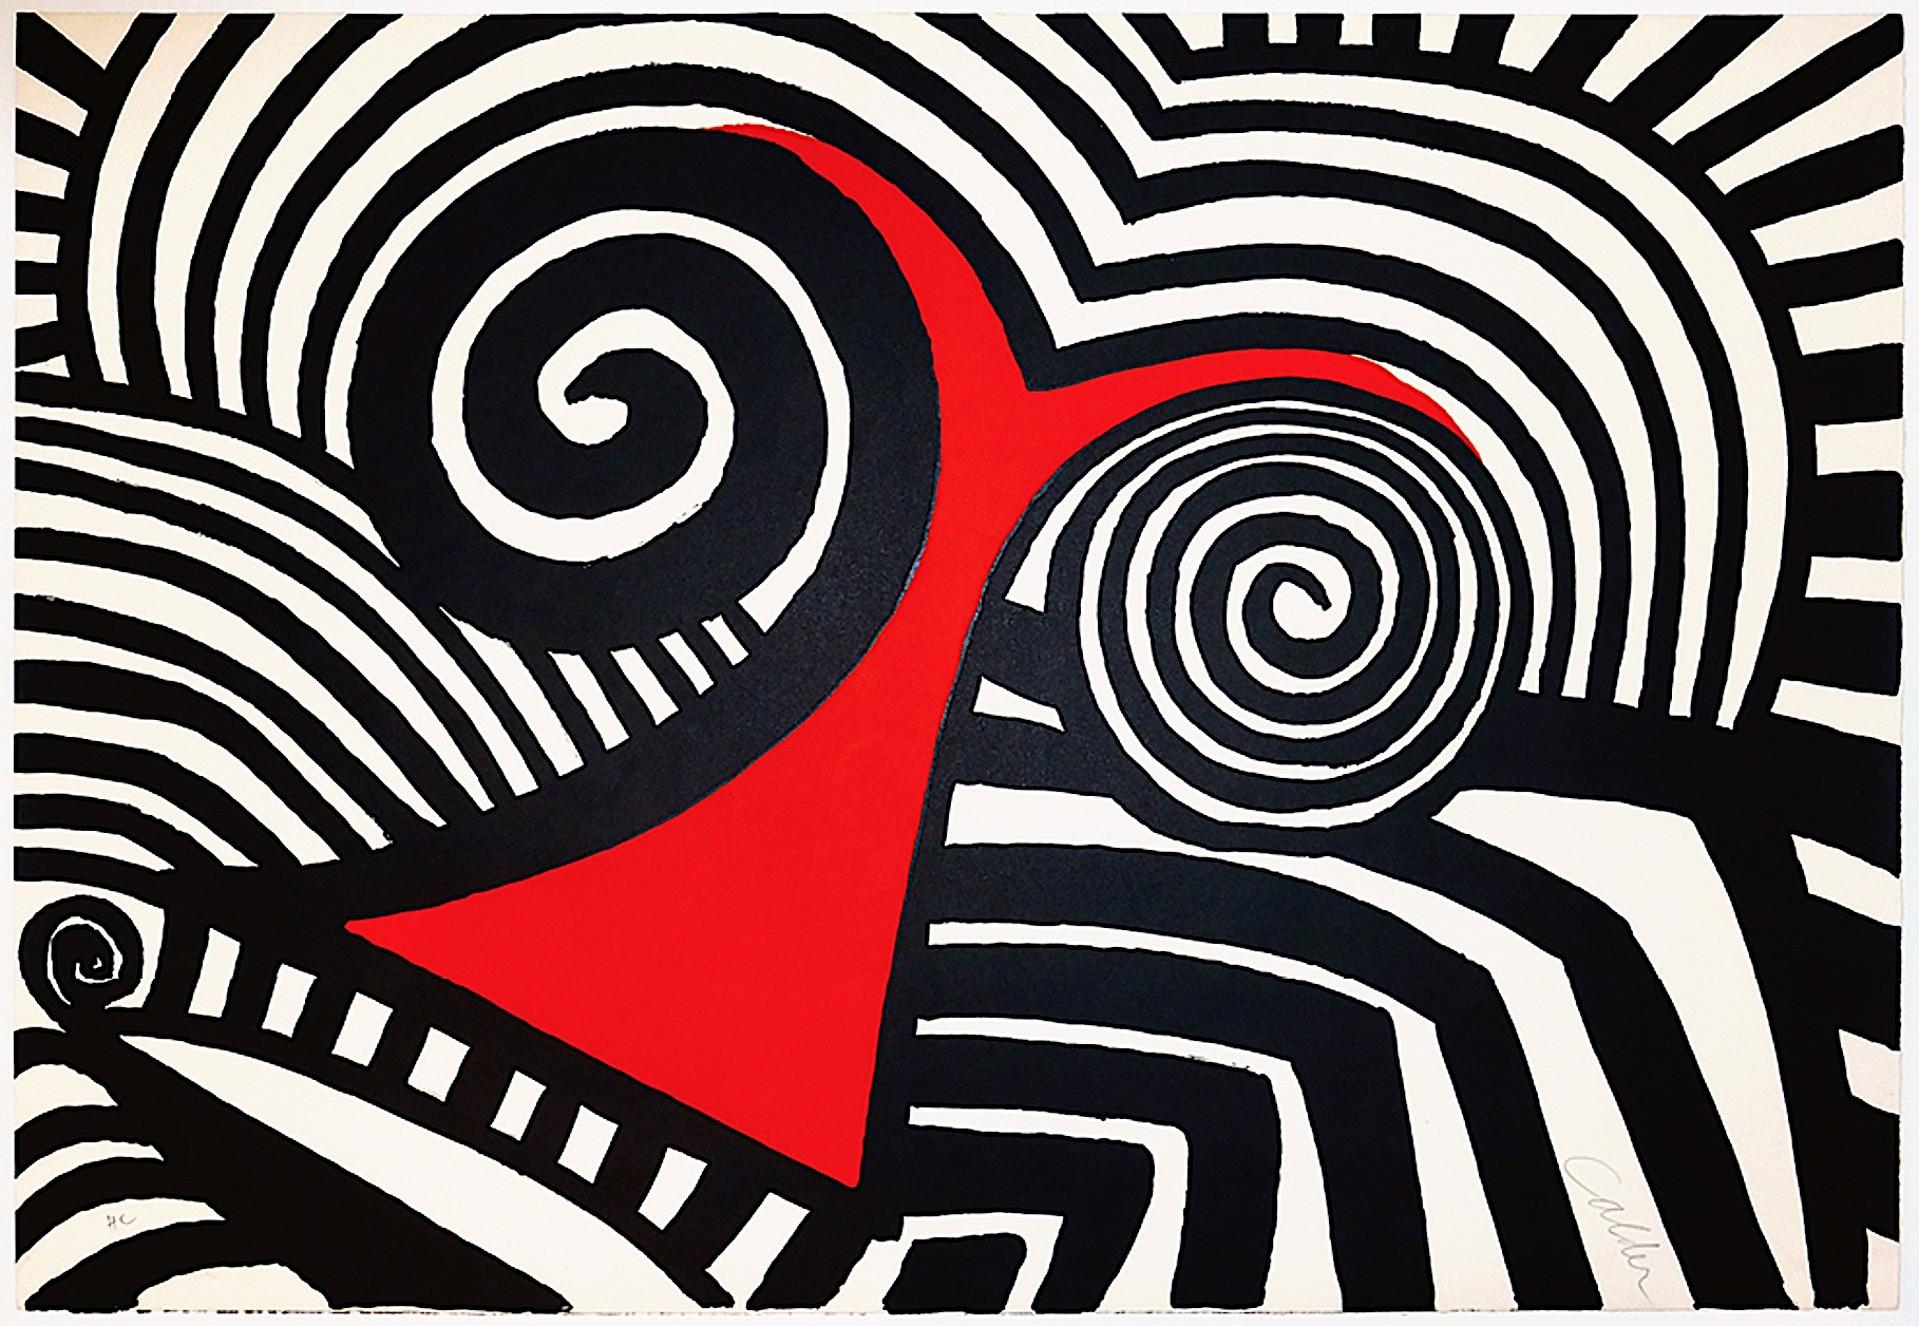 Red Nose by Alexander Calder